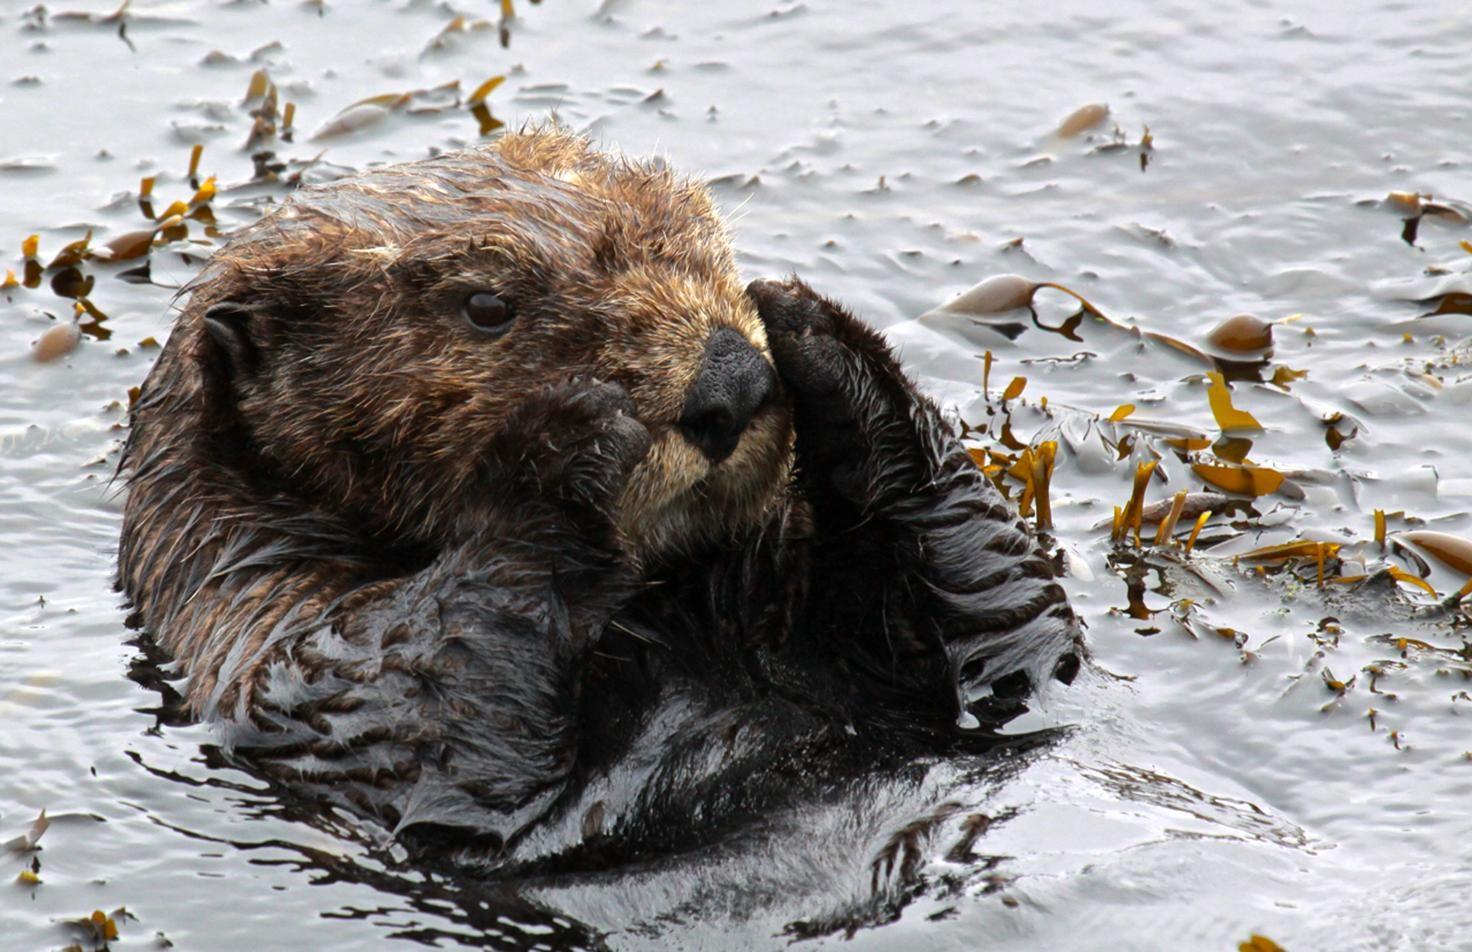 Kostenlose Bild: Meer, Otter, Tier, Säugetier